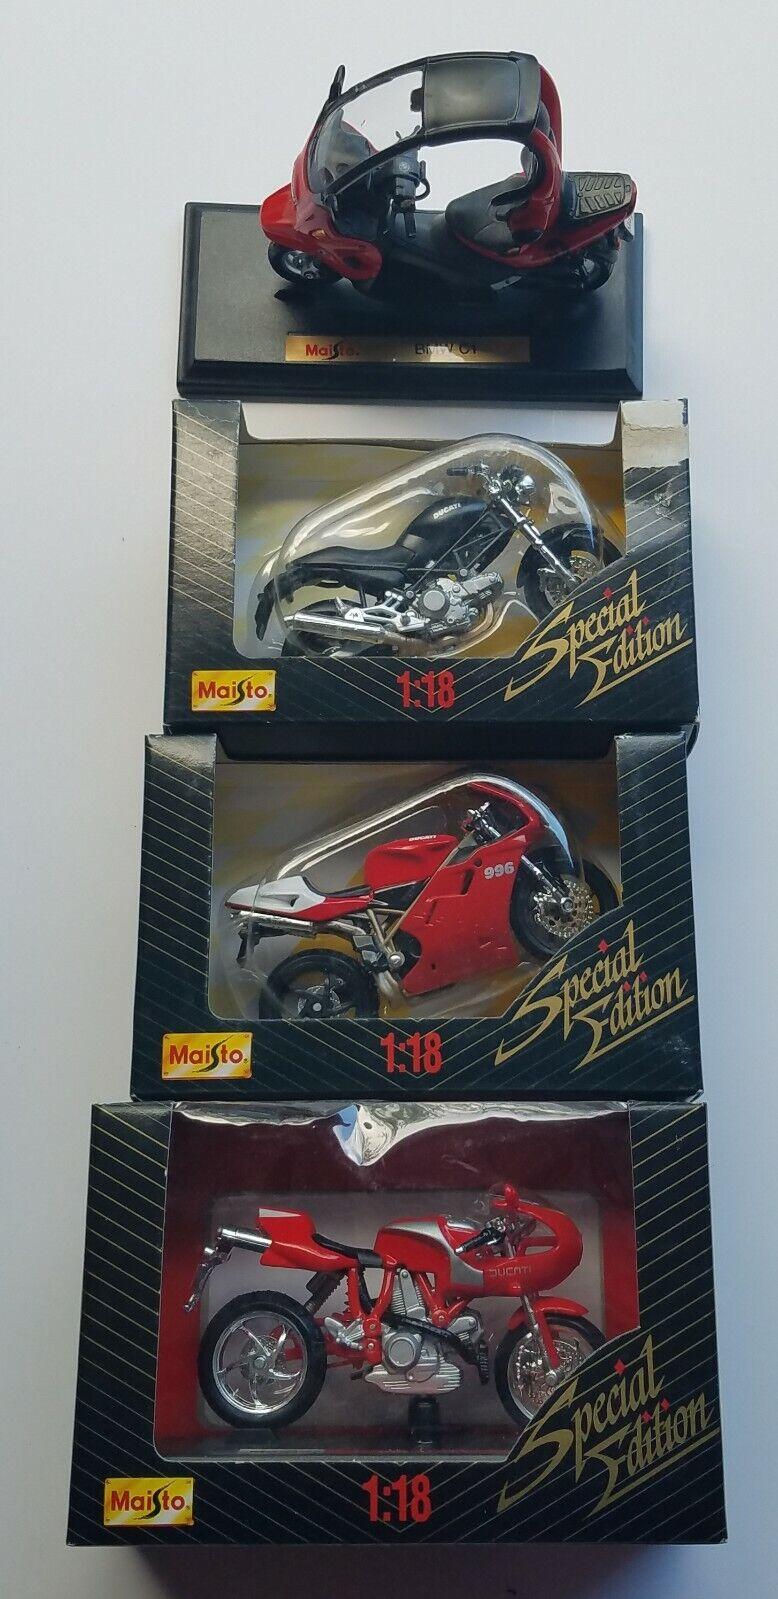 benvenuto per ordinare Lot of 4 4 4 Maisto1 18 Scale Motorcycles Diecast modello 3 nuovo in scatola & 1 Used  100% autentico